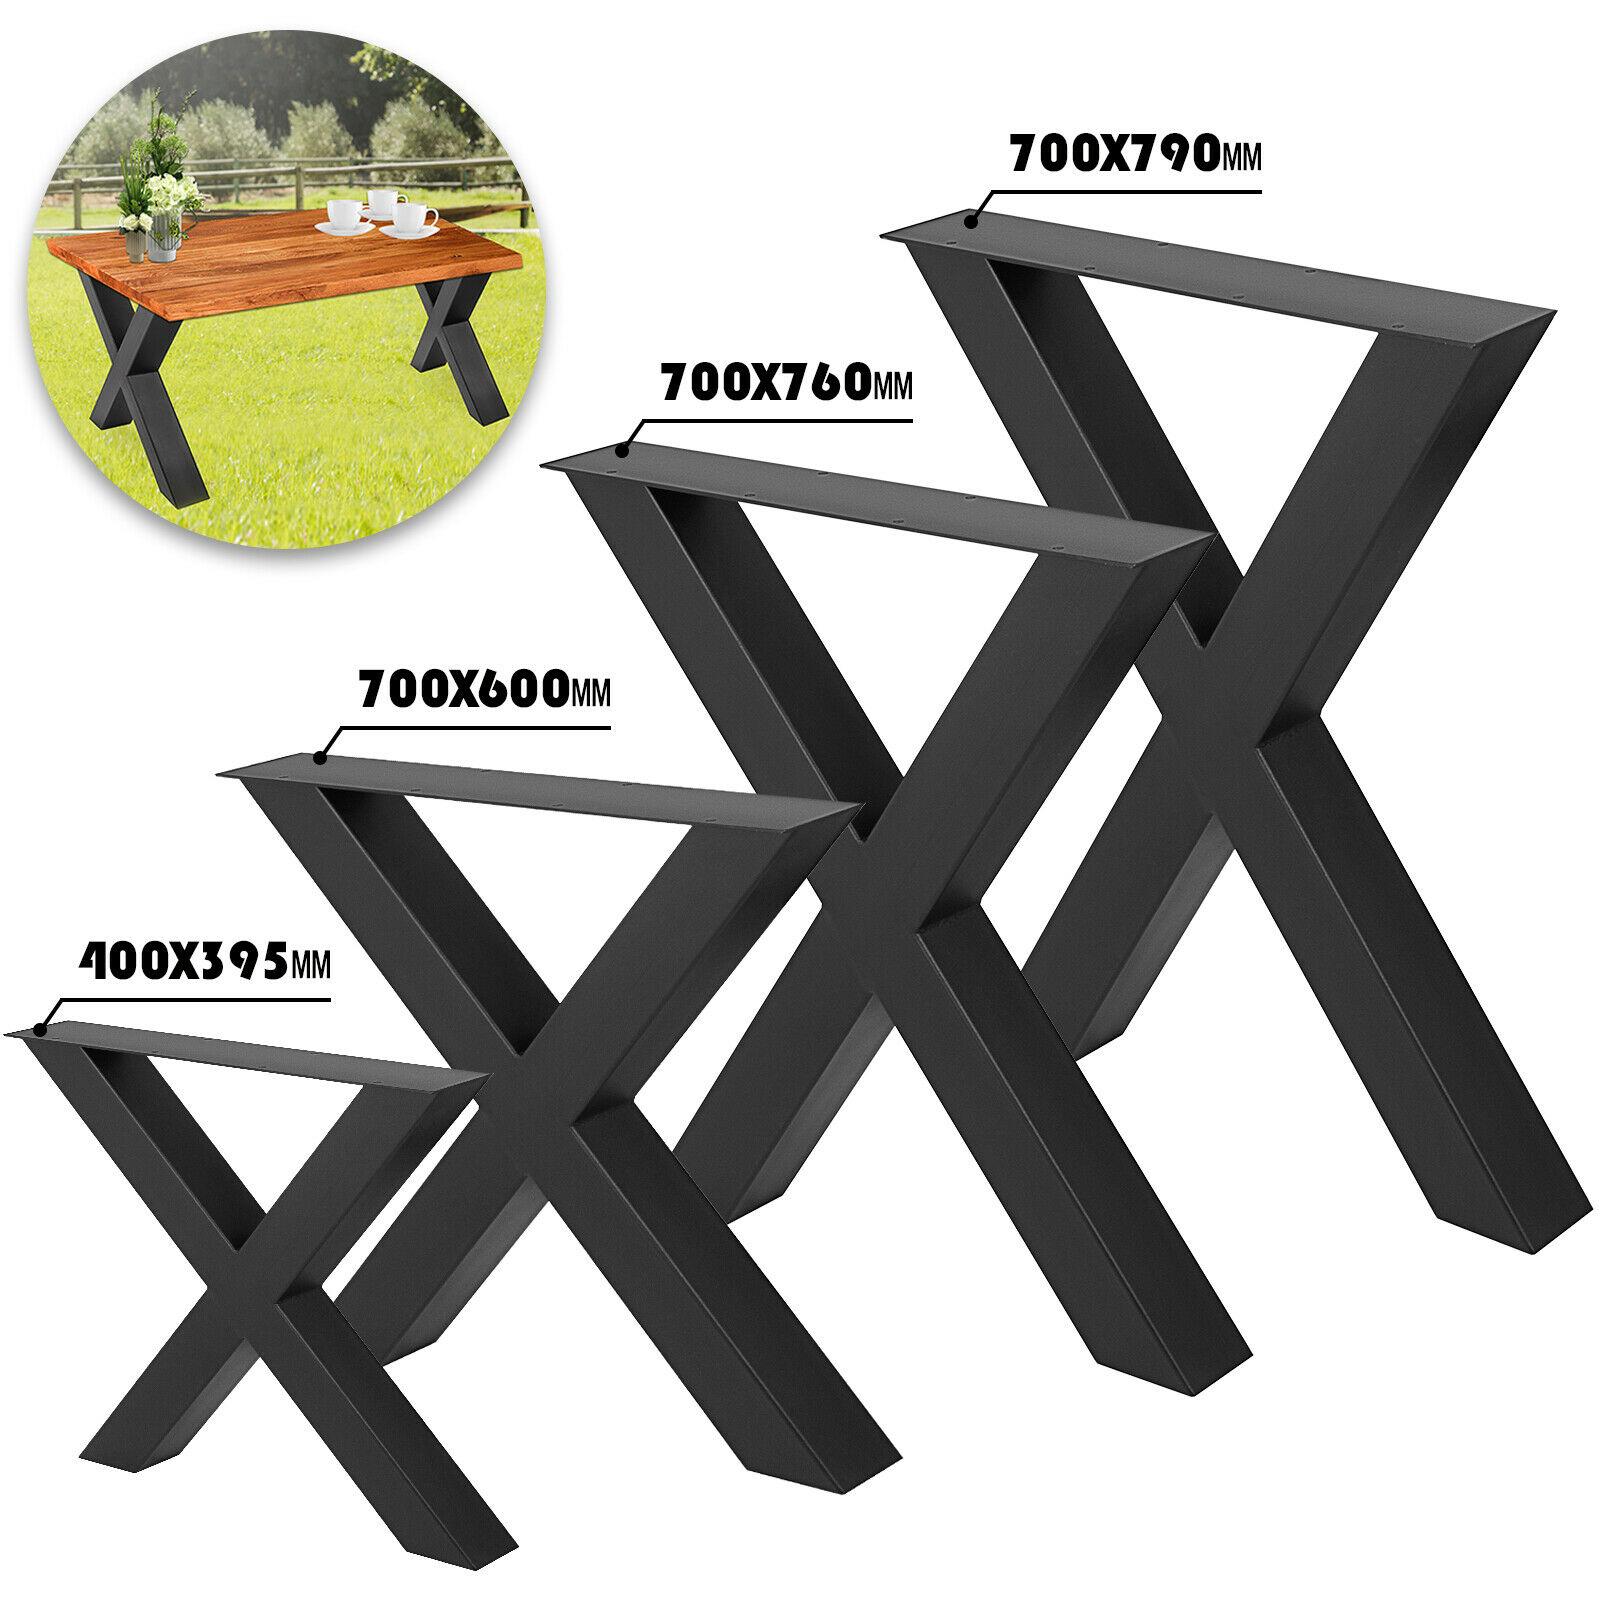 Brackets Desk-Legs Bench Tabletop Dining Steel Metal Heavy-Duty DIY VEVOR 2pcs X-Shape